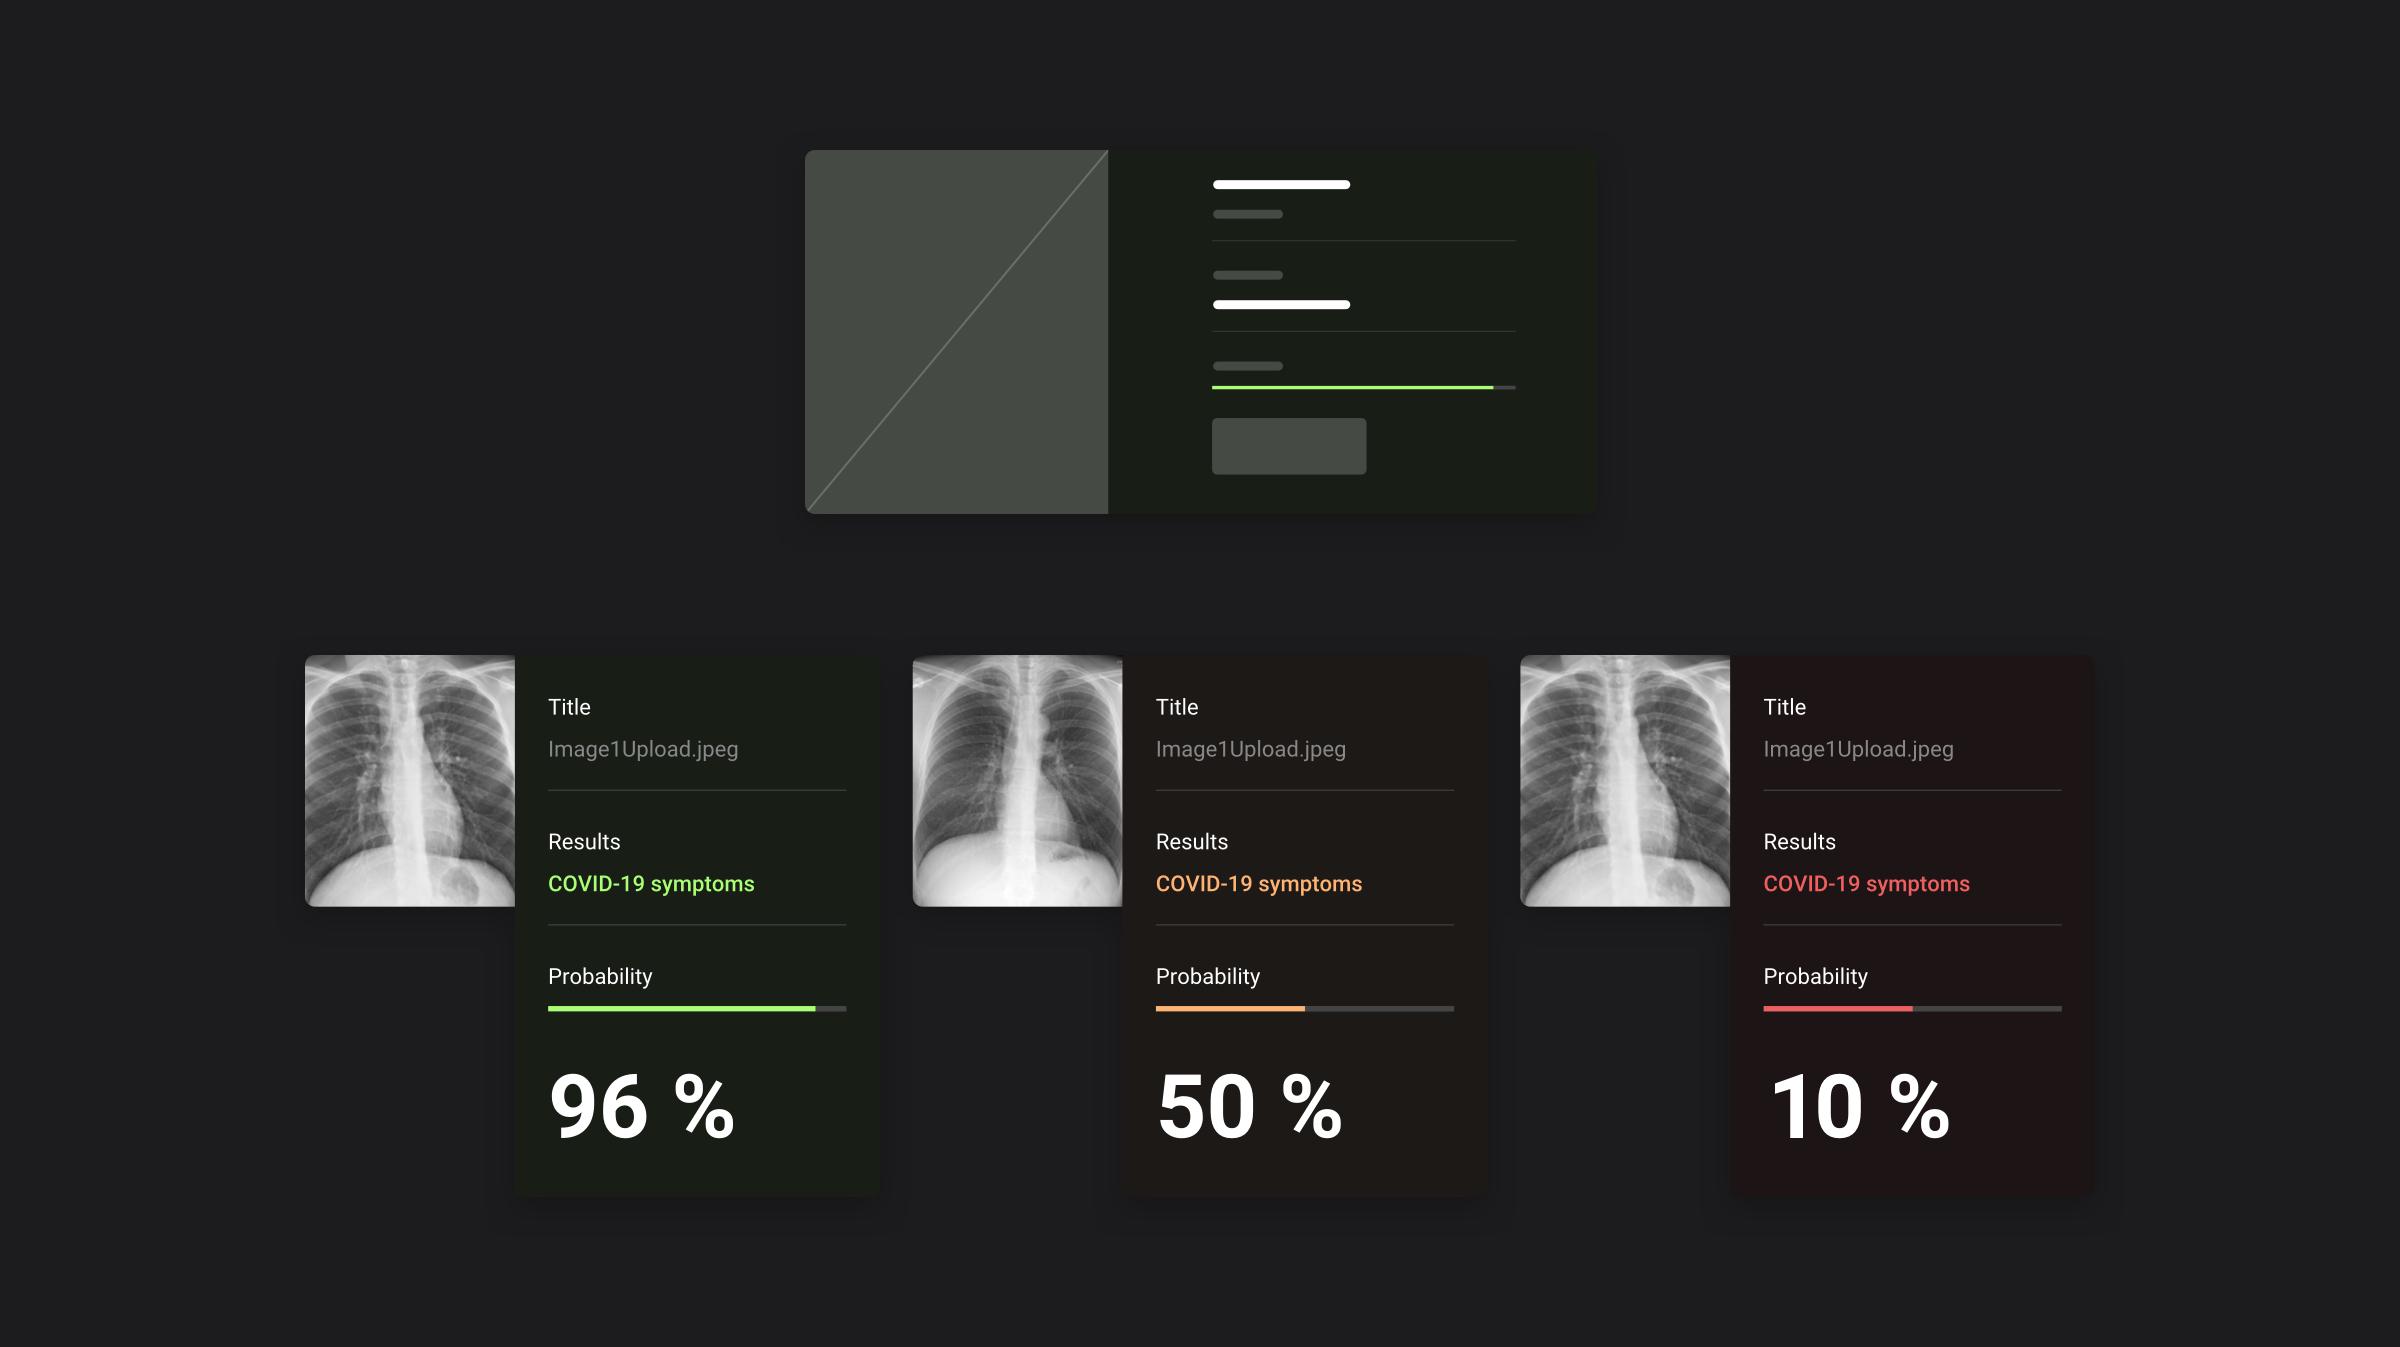 HD-Planche-POCOVIDSCREEN-results-screen-intro-dark-2-2